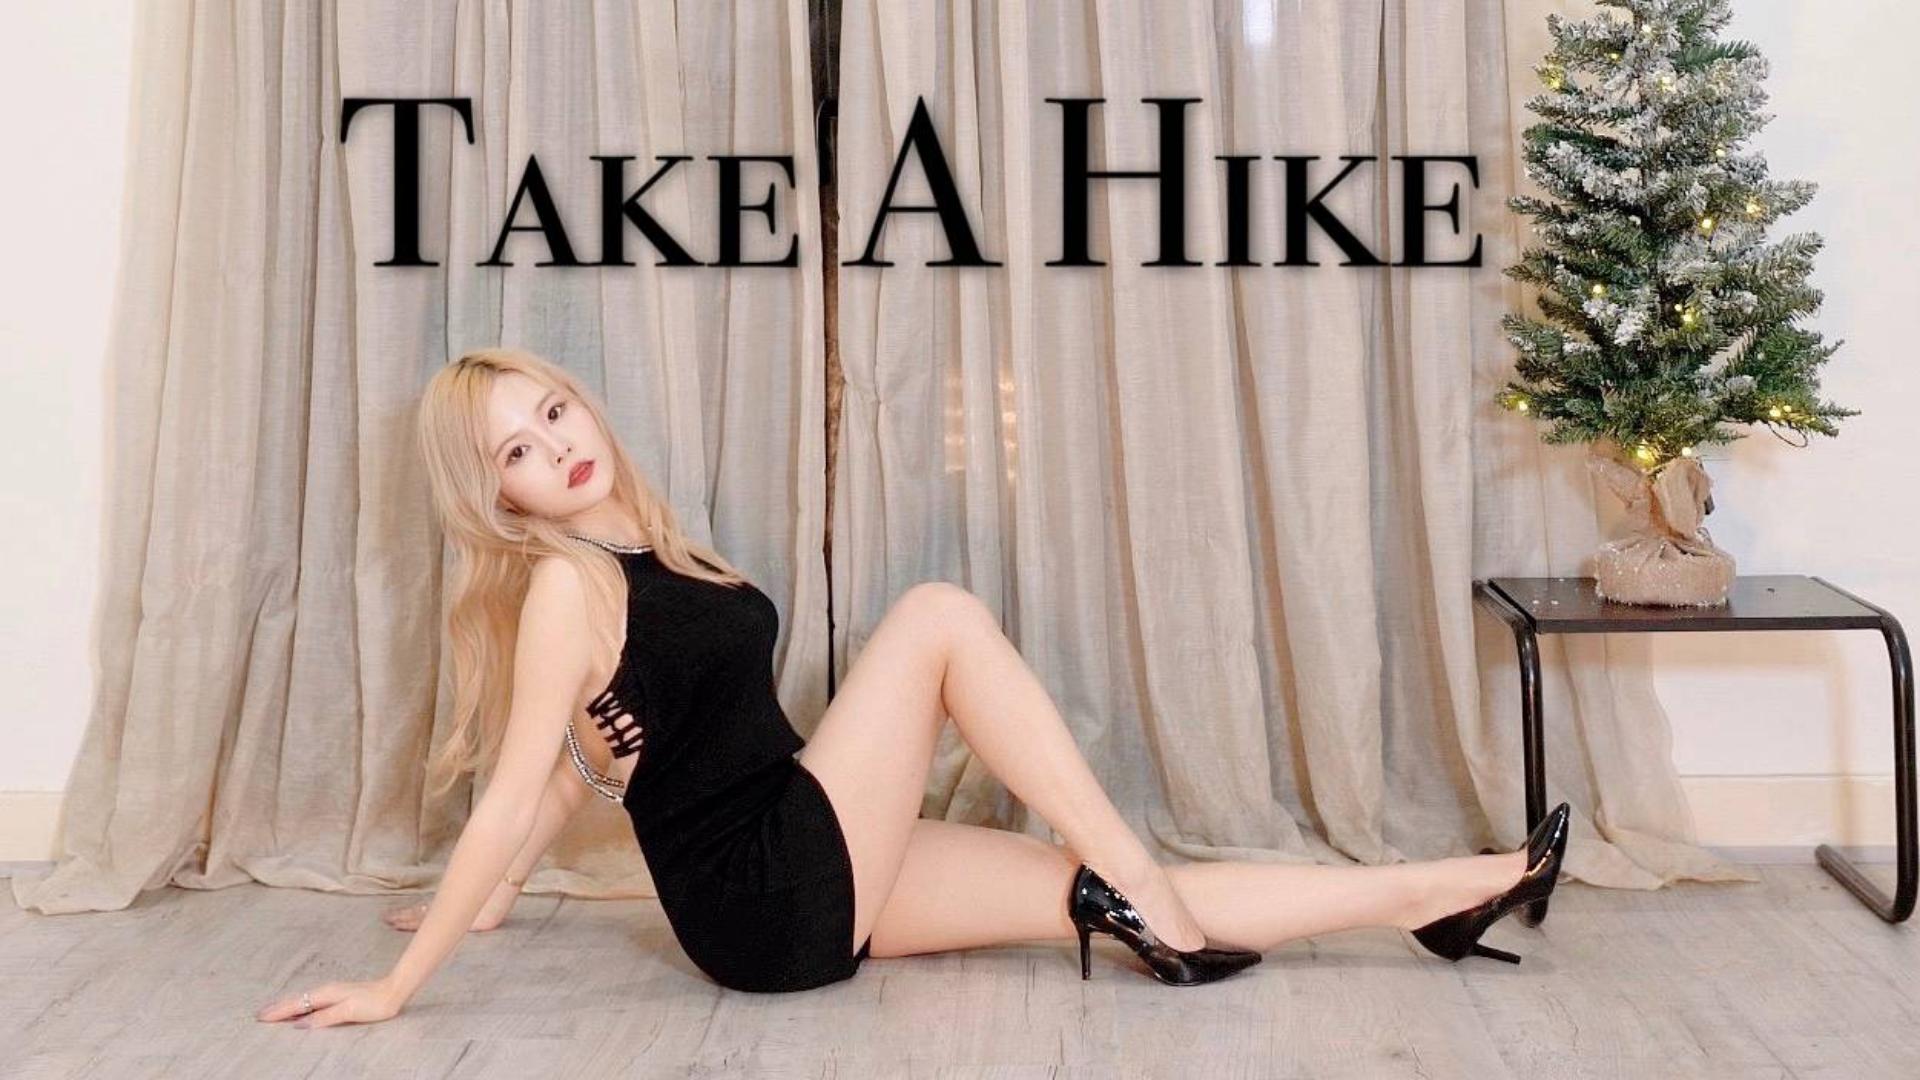 【甜】朴智妍 Take A Hike小黑裙竖屏